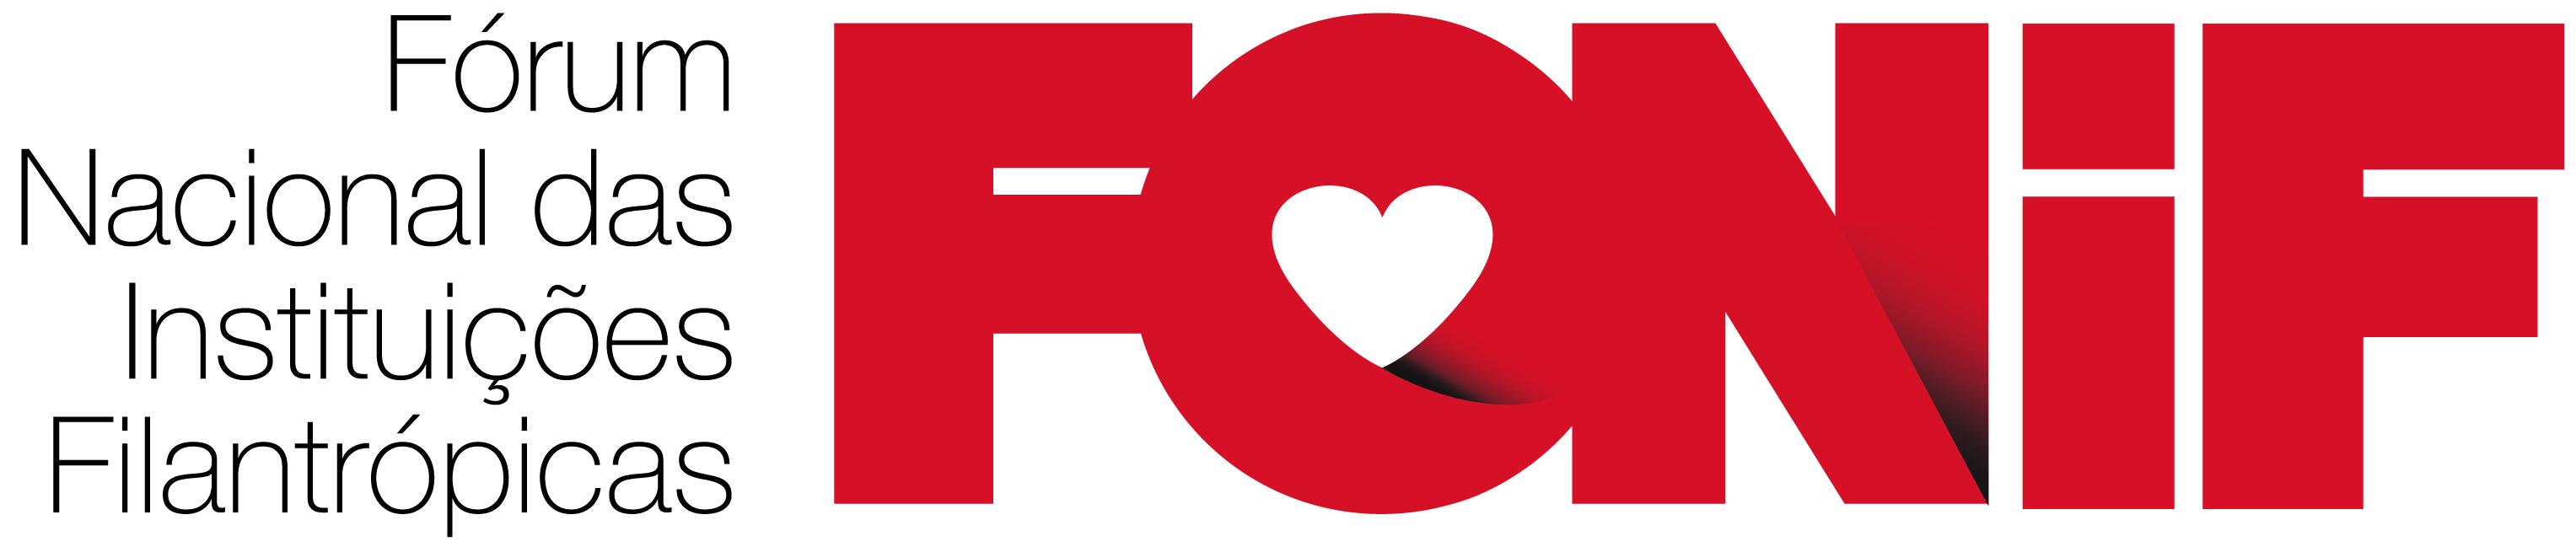 Fórum Nacional das Instituições  Filantrópicas-FONIF